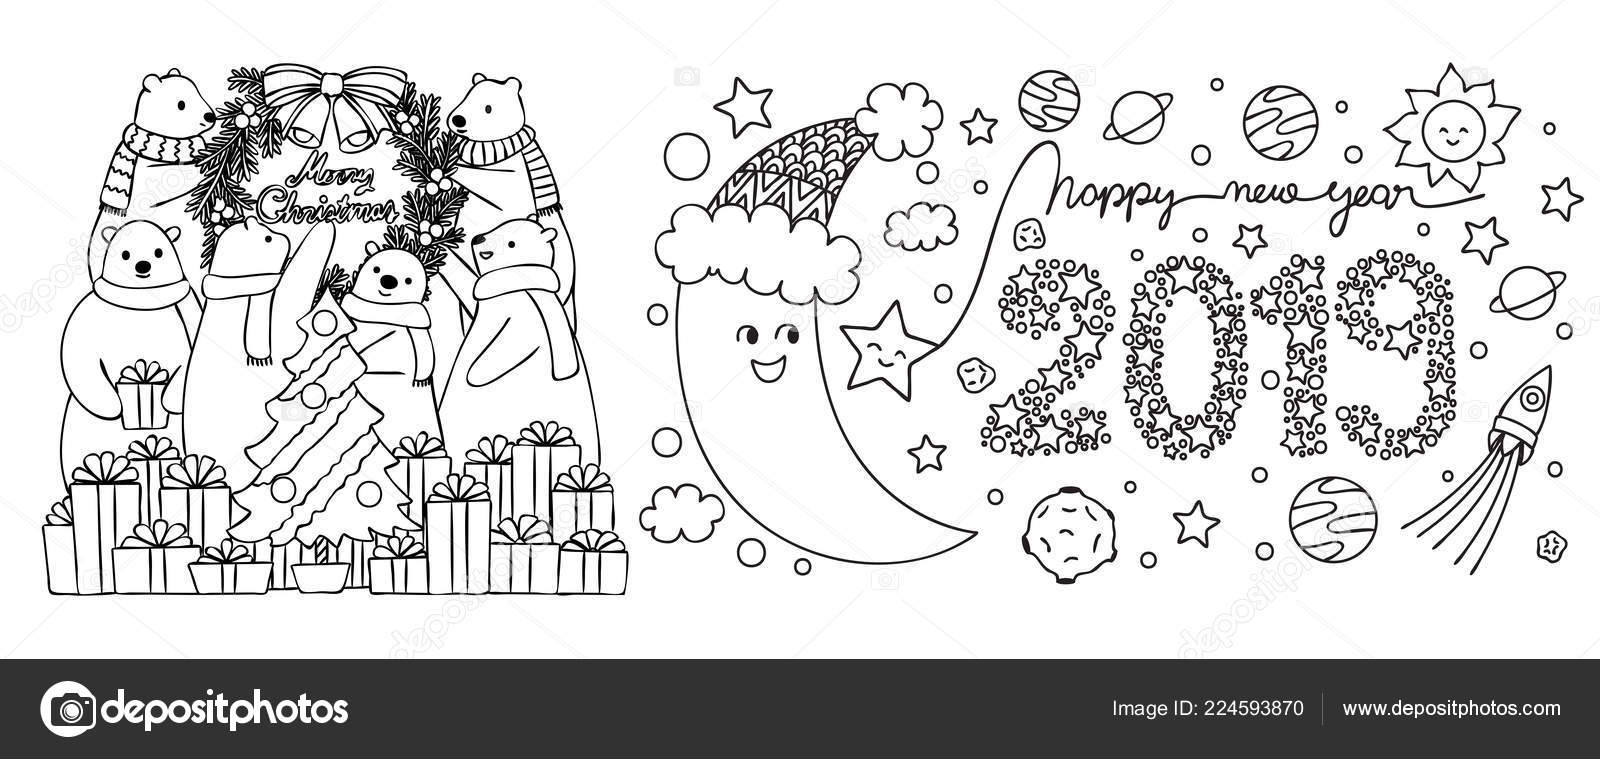 Kleurplaten Nieuwjaar En Kerstmis.Ijsberen Voorbereiden Voor Kerstmis Partij Maan Vieren